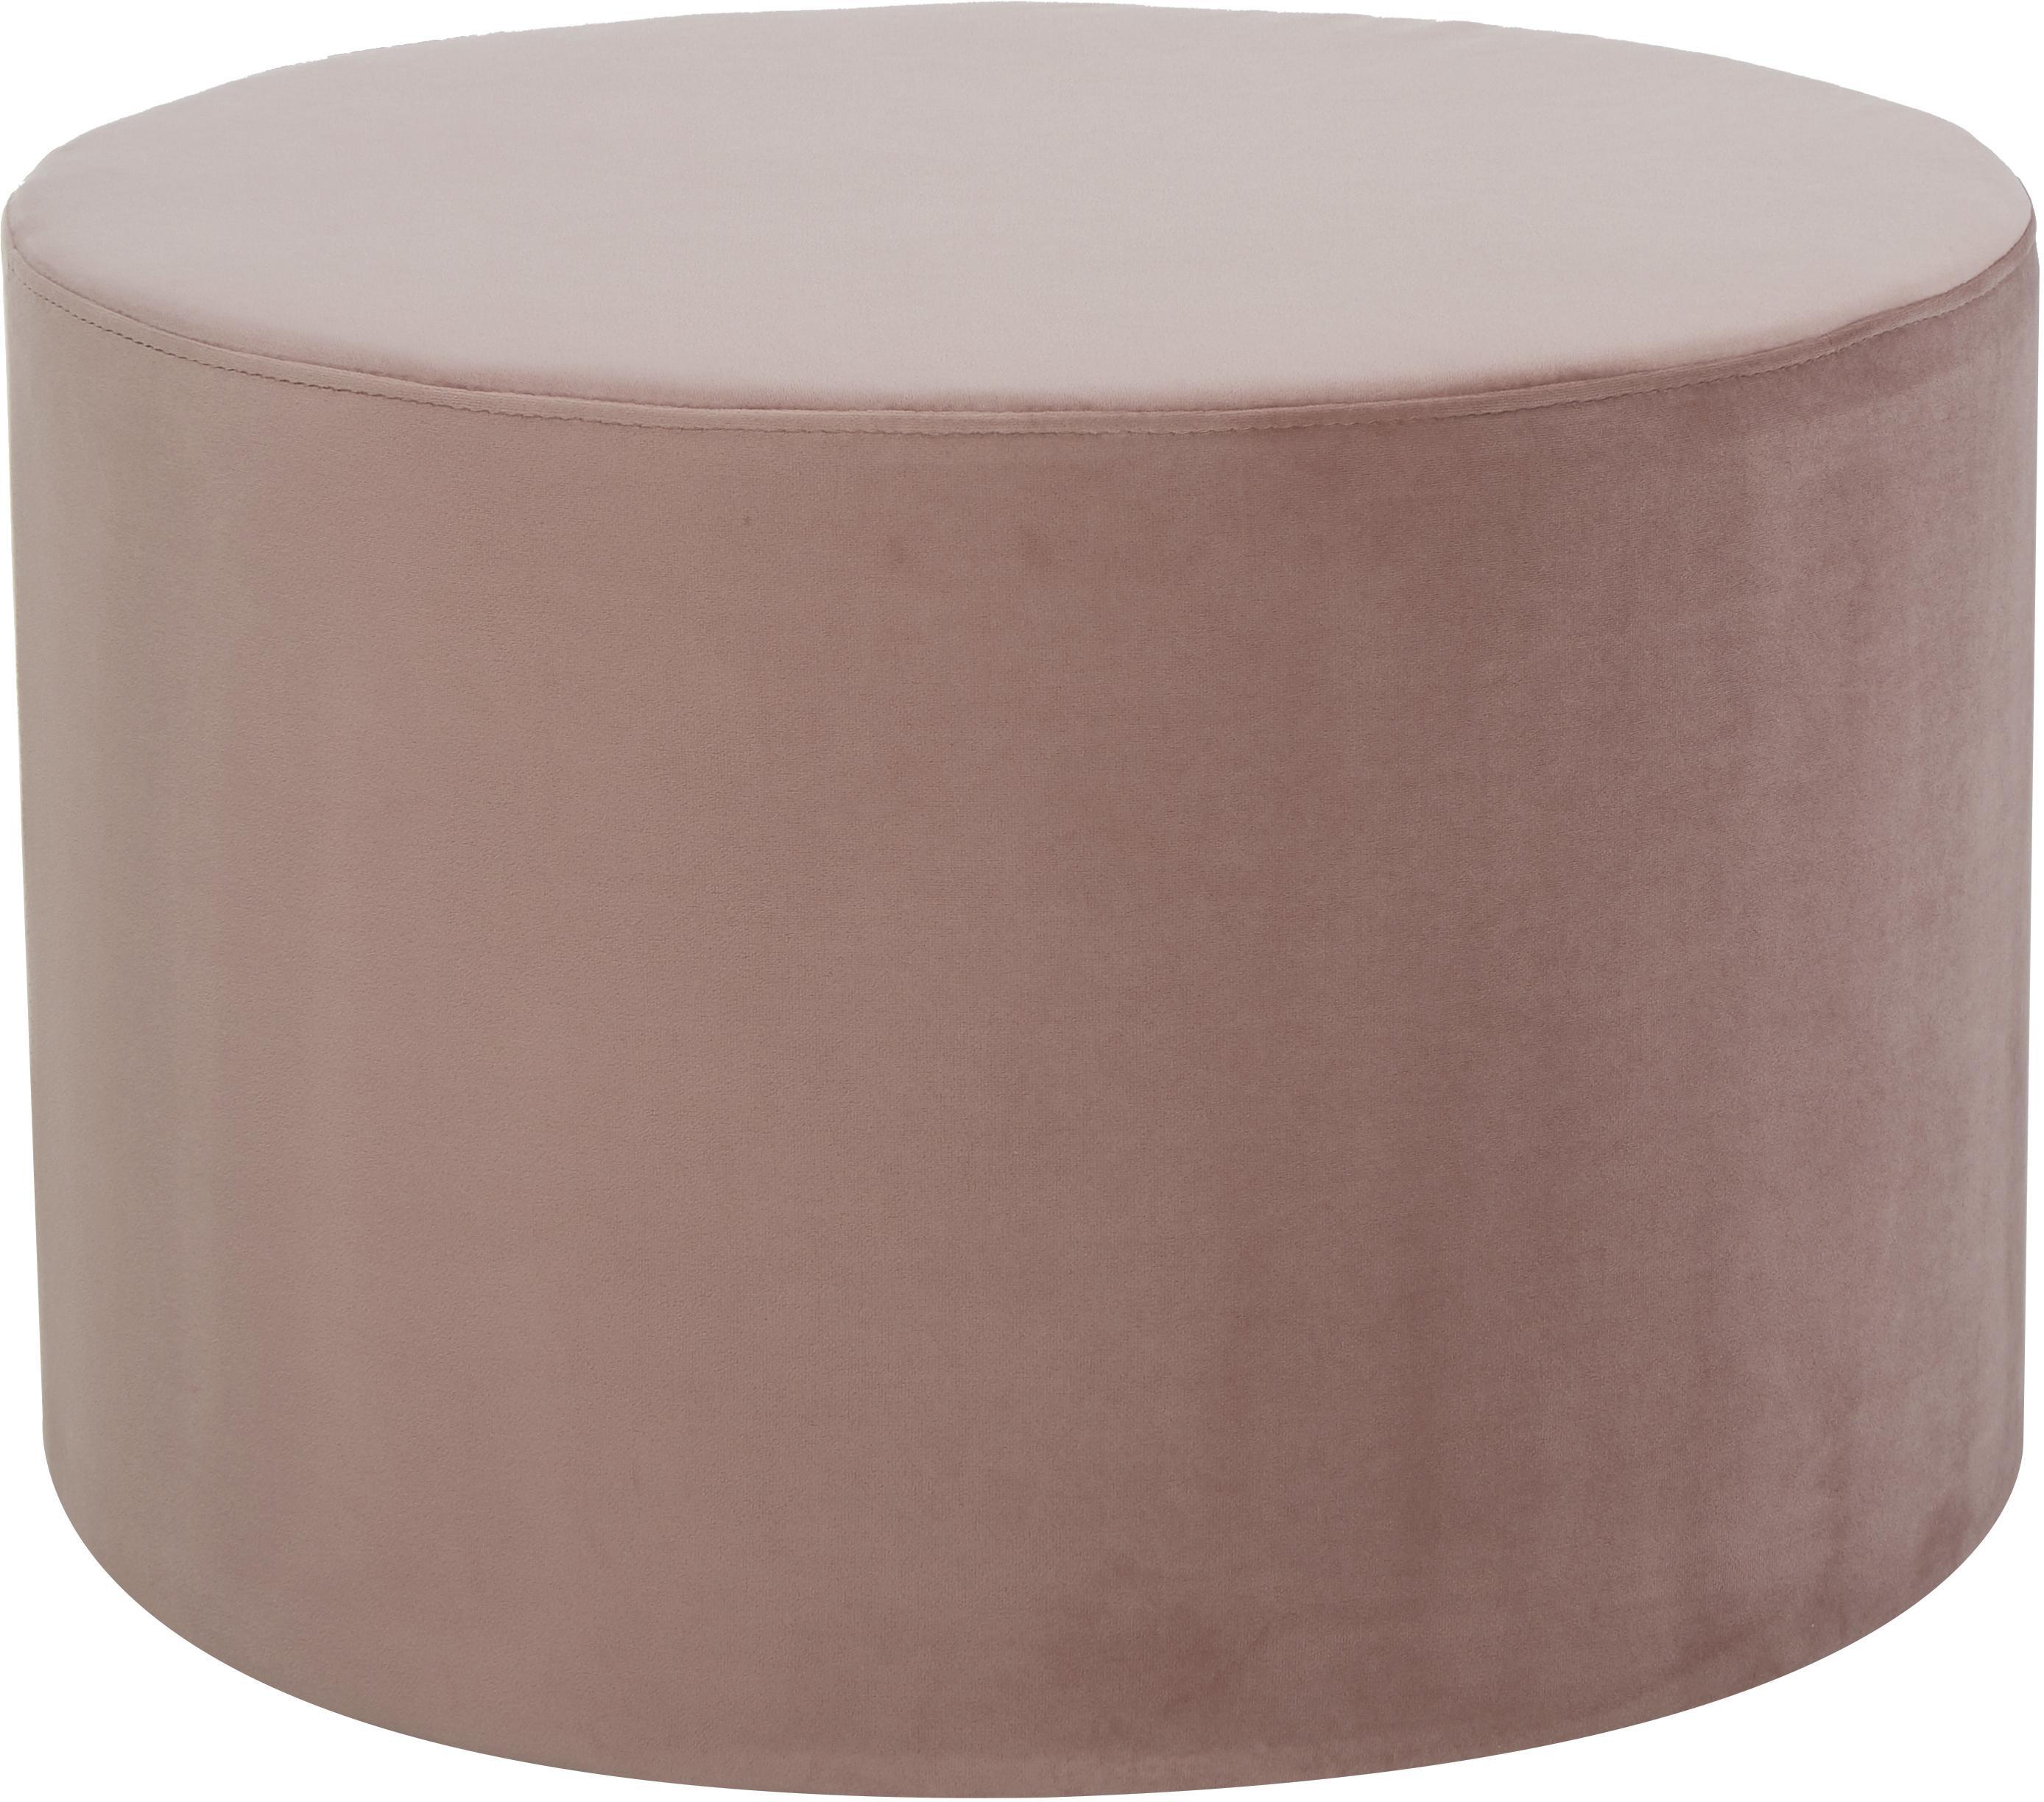 Pouf in velluto Daisy, Rivestimento: velluto (poliestere) 25.0, Struttura: compensato, Rosa, Ø 54 x Alt. 40 cm